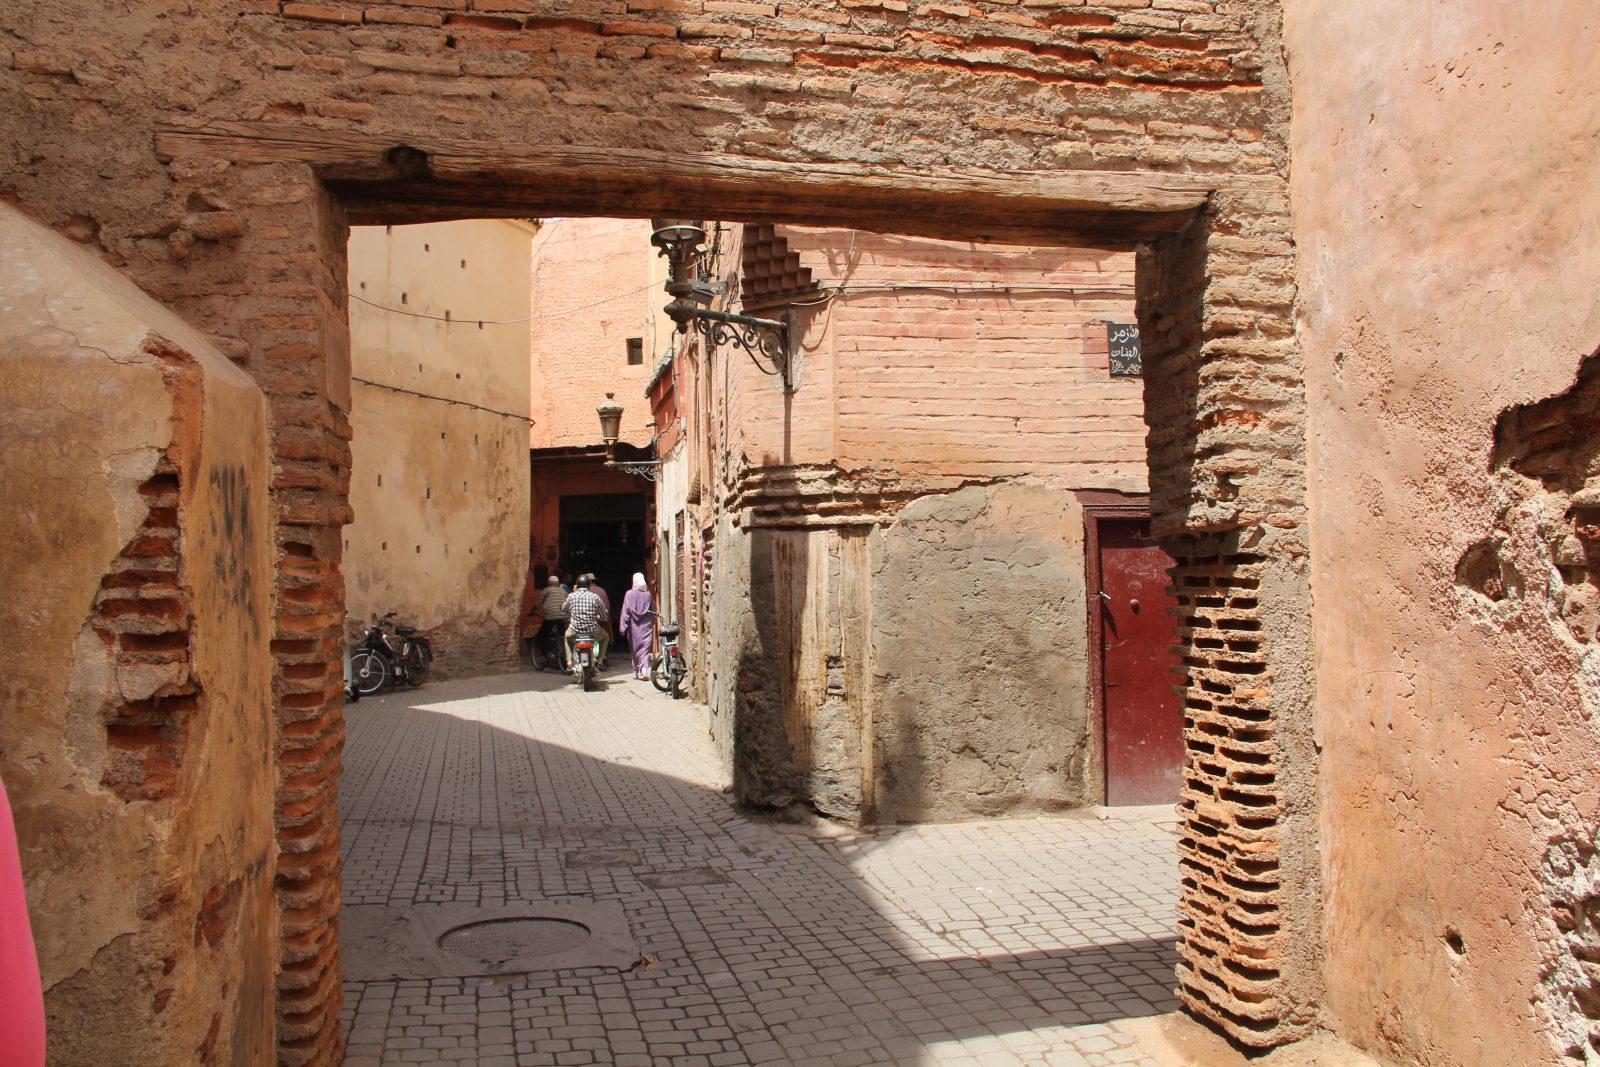 Dag 4 - Groepsreis Marrakech & meer - NL reisleider